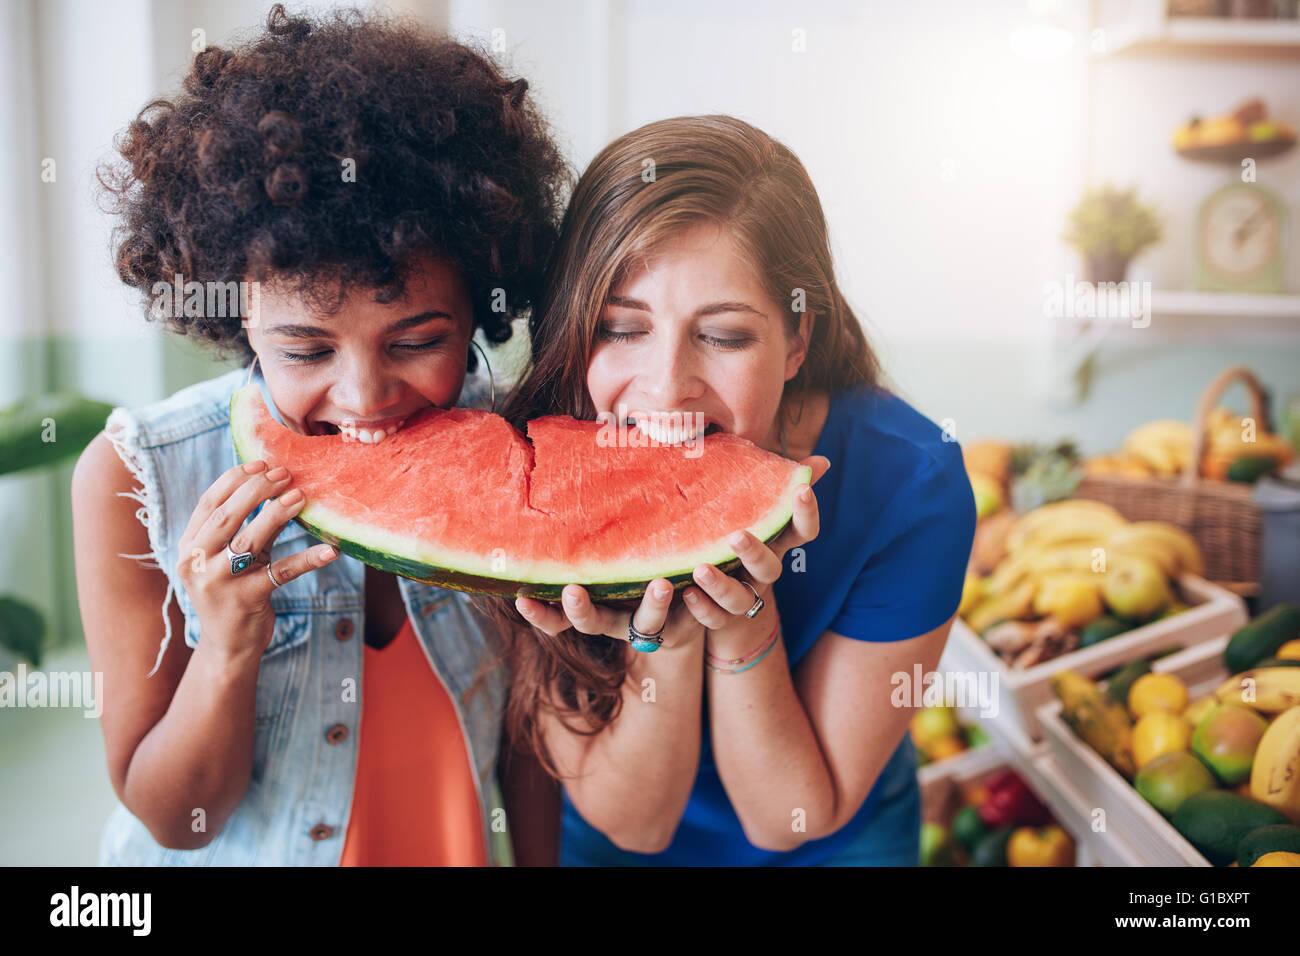 Zwei junge Frau Wassermelone essen und Spaß haben. Gemischte Rassen Freundinnen zusammen Essen ein Stück Stockbild